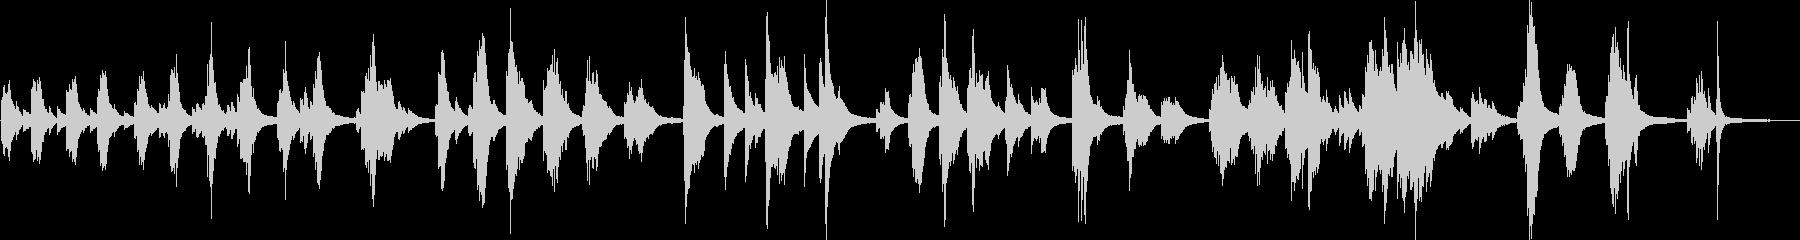 悲劇的な悲しいピアノ曲(切ない・後悔)の未再生の波形